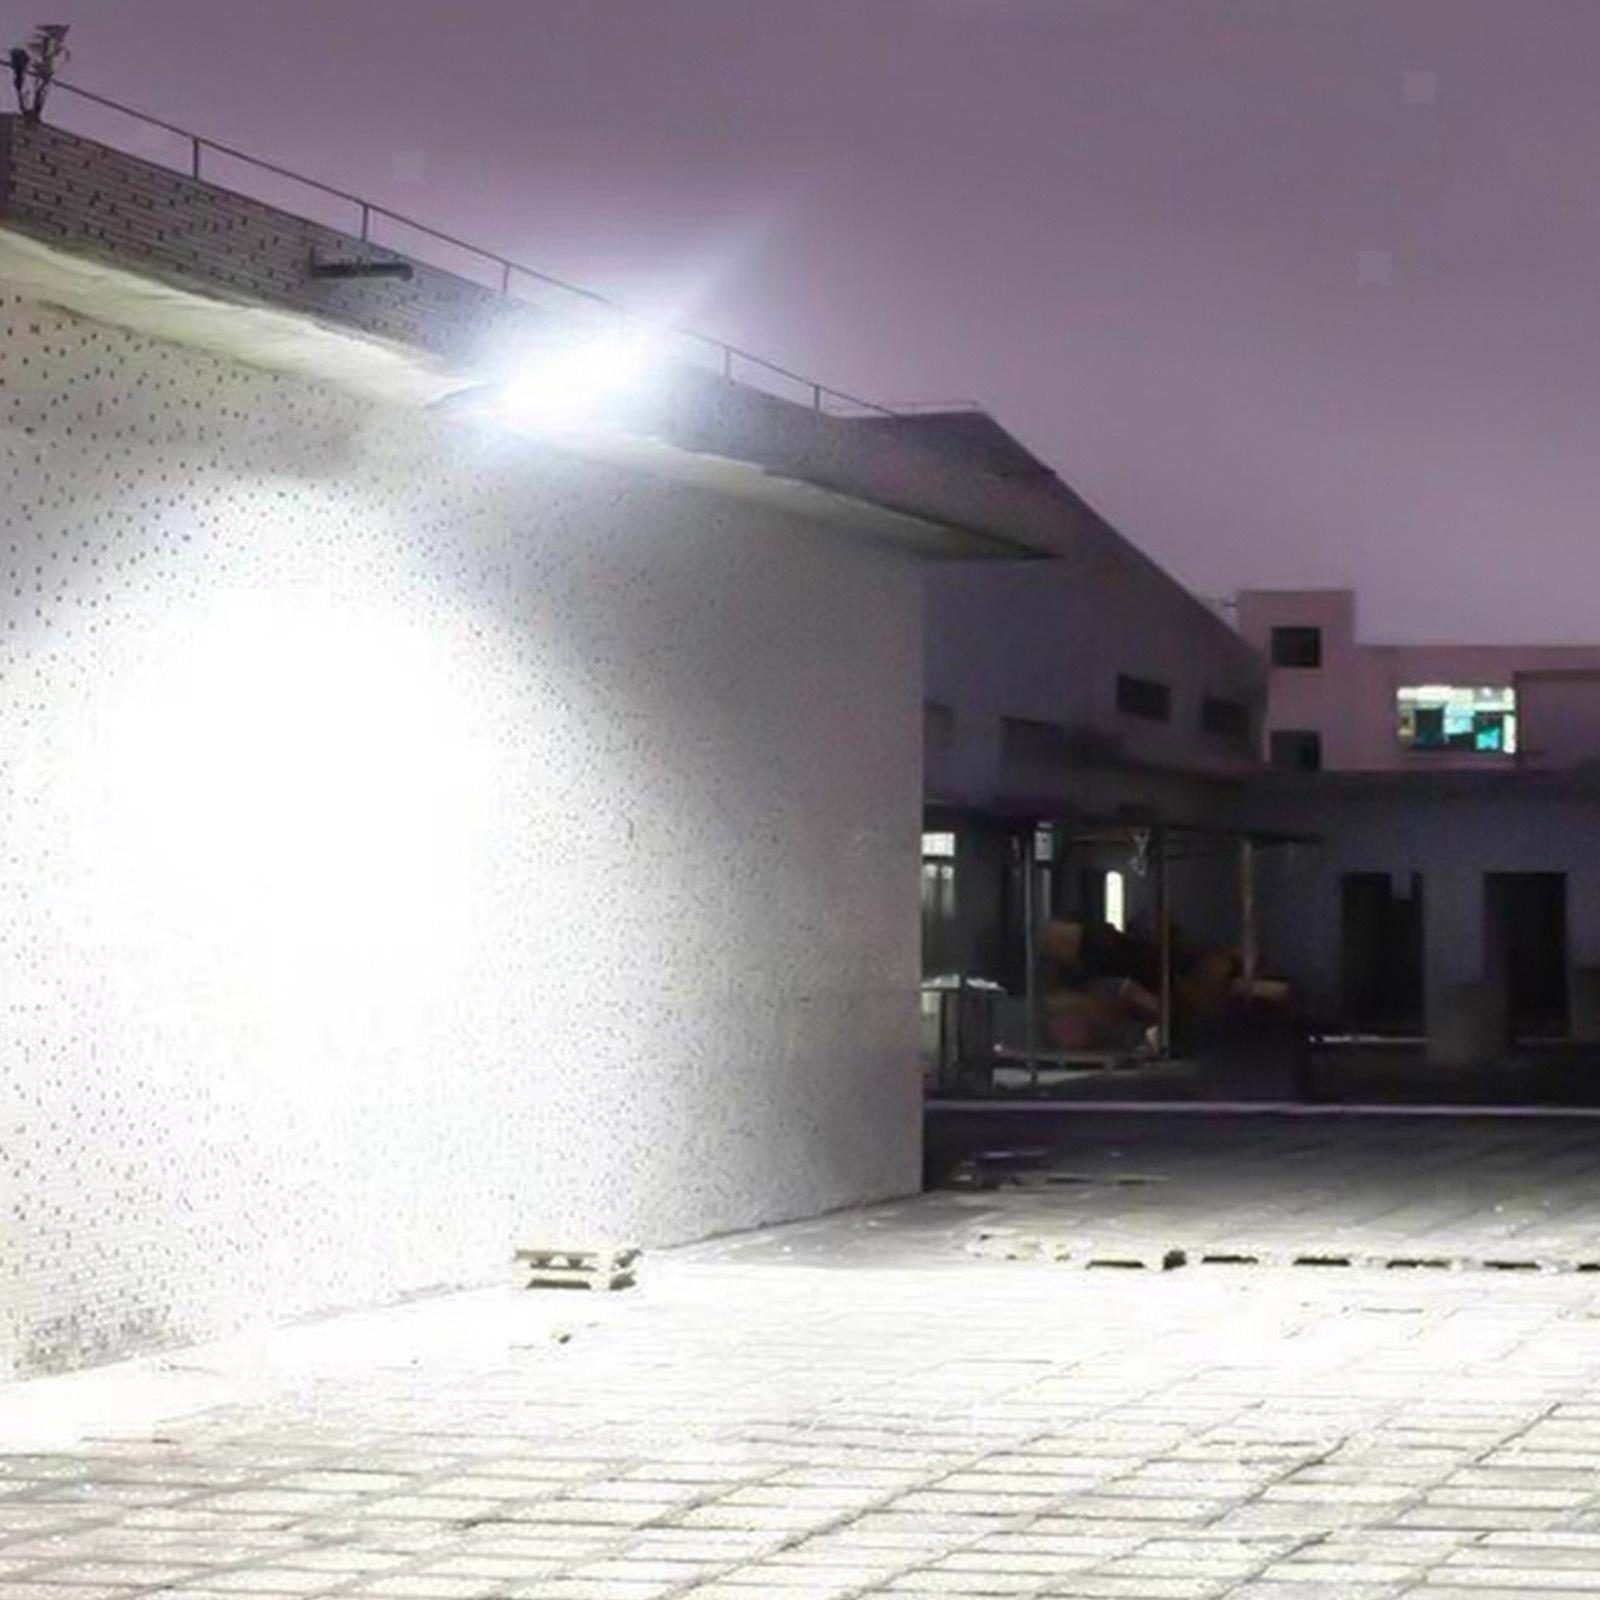 Corps-de-reverbere-a-LED-a-energie-solaire-detectant-la-lumiere miniatura 12